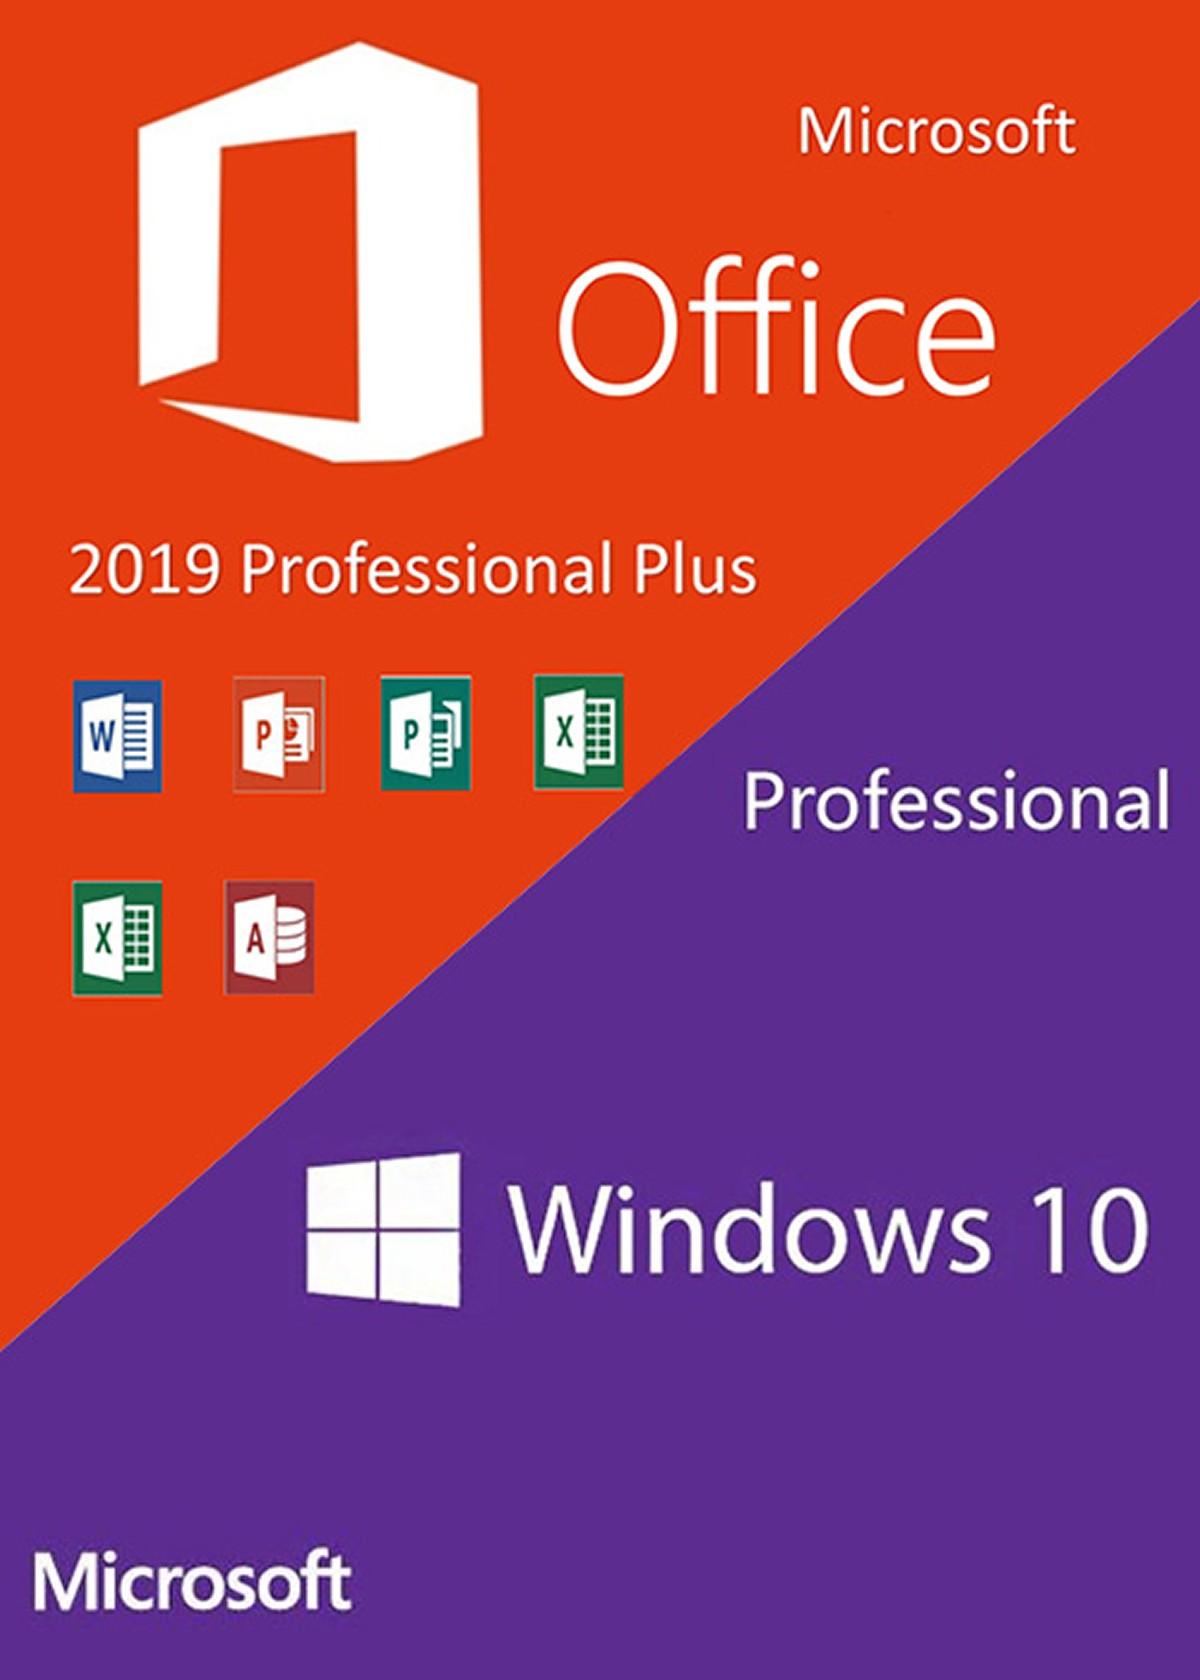 Microsoft Windows 10 Pro OEM et Office 2019 Pro Plus à 38.52 euros ce jour chez GVGMall